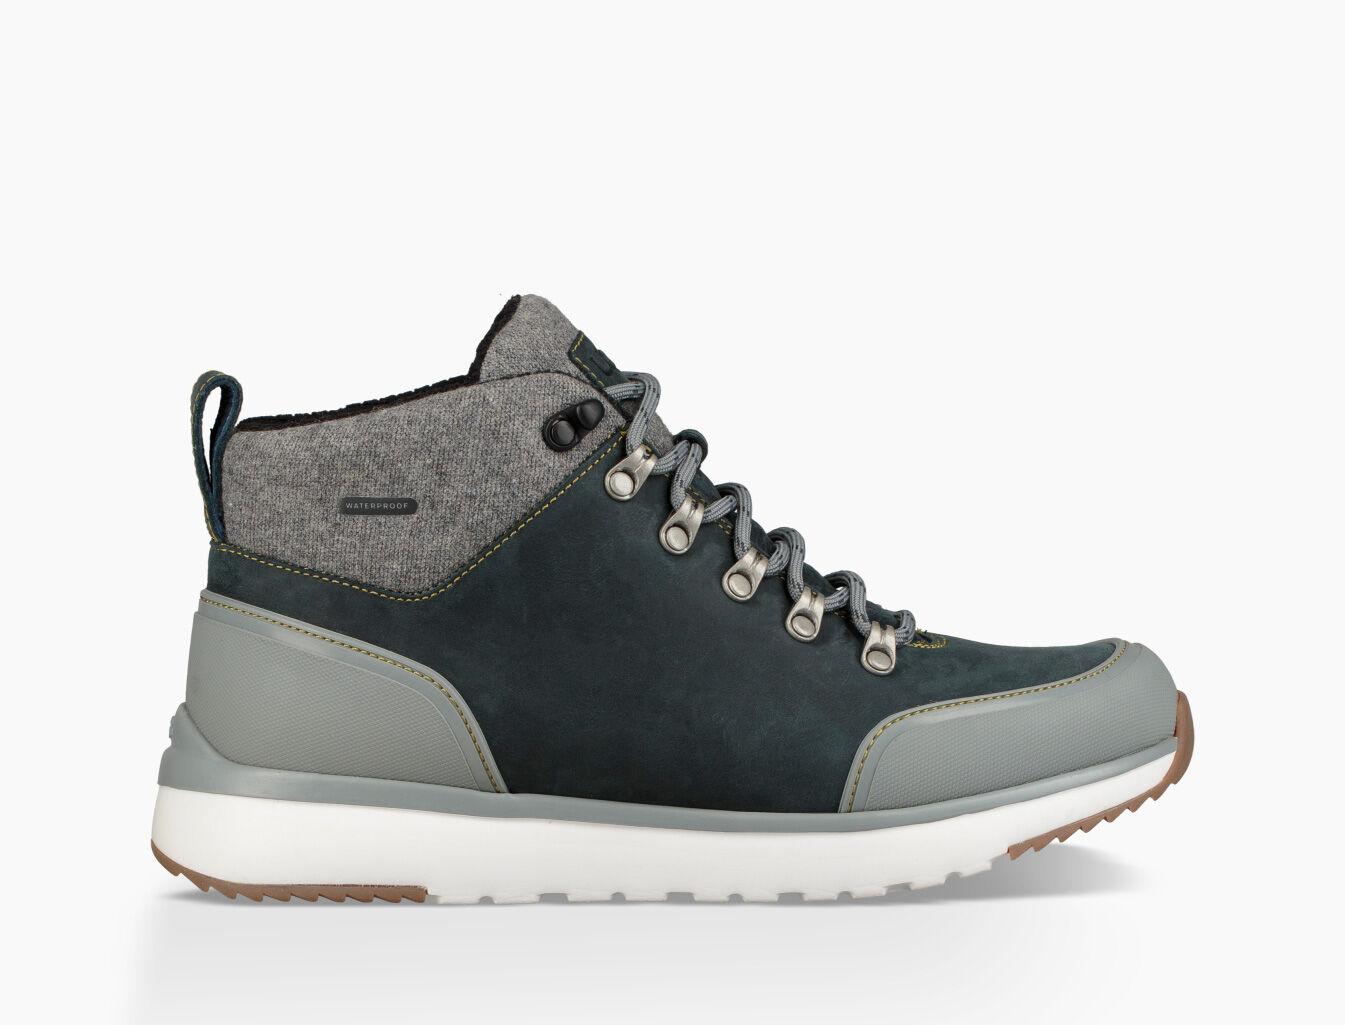 Men's Olivert Cold-Weather Shoe | UGG